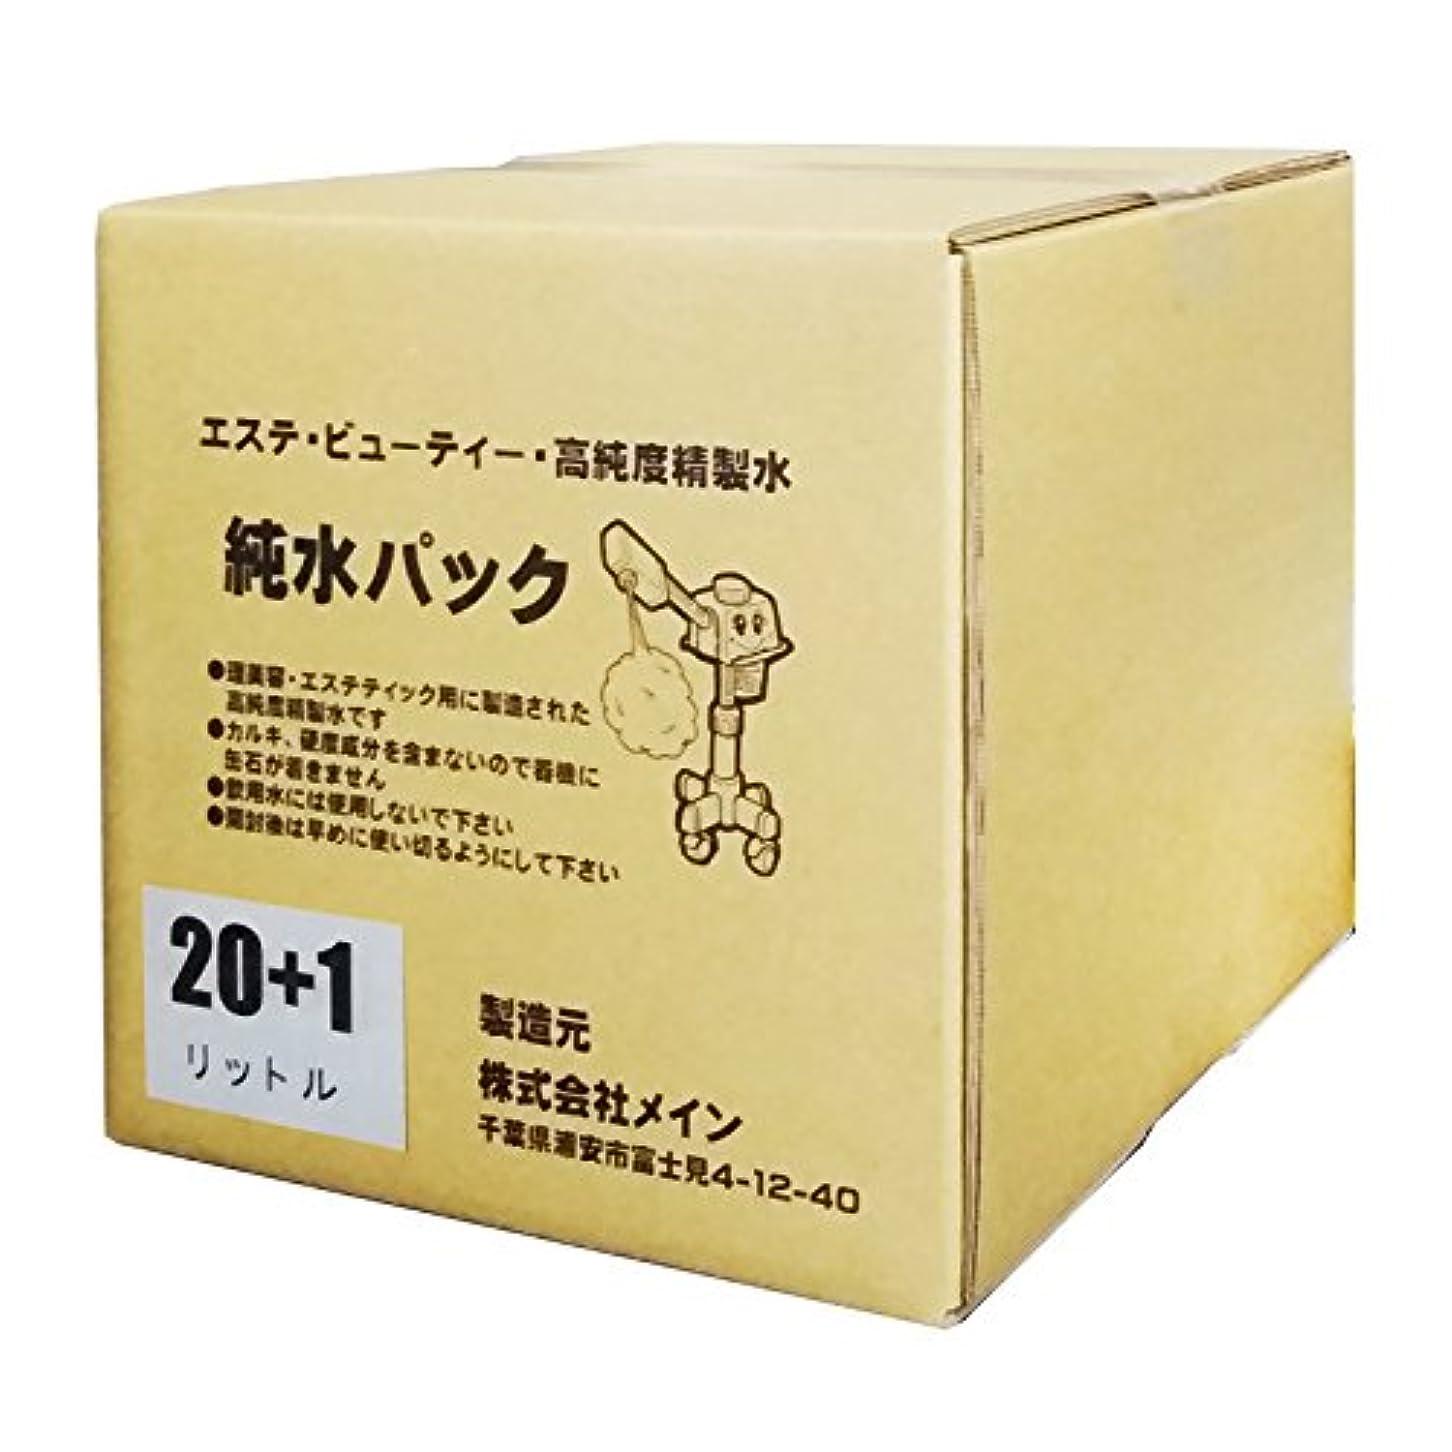 褐色一般黒板増量中 21L 高純度 精製水 20 L + 1L 純水パック コック付 日本製 エステ スチーマー (1個) オートクレーブ 滅菌器